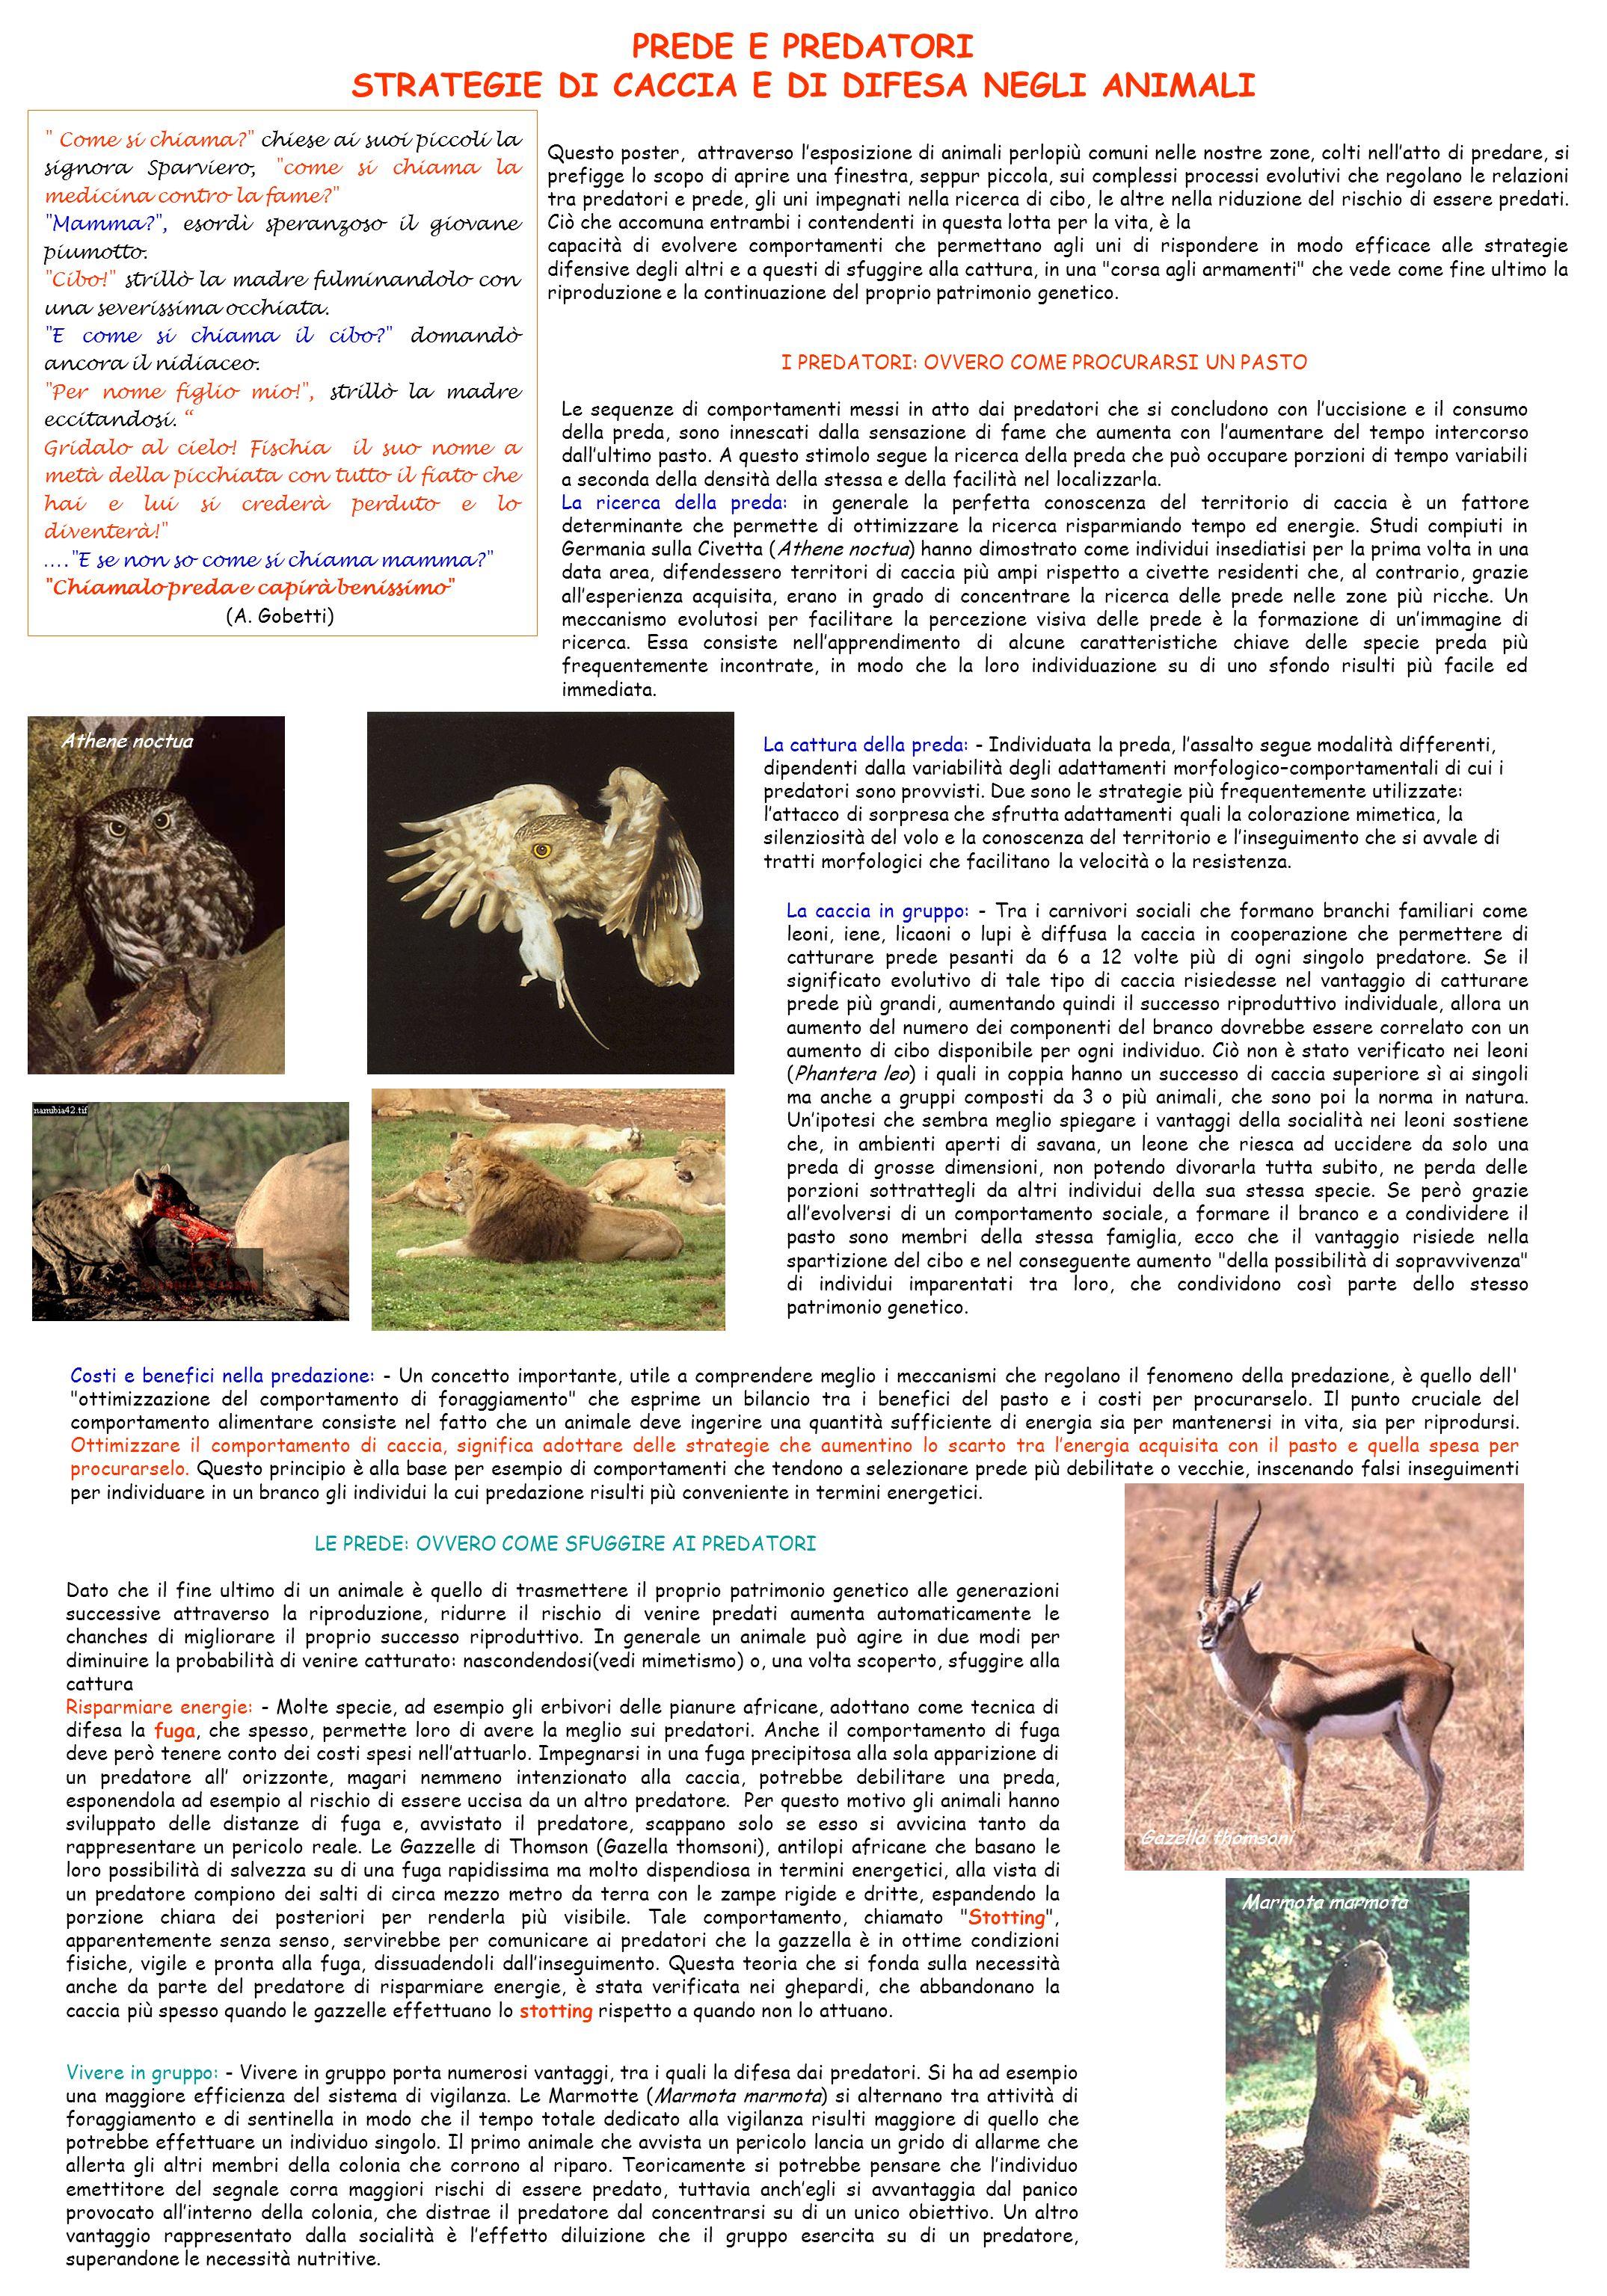 Vivere in gruppo: - Vivere in gruppo porta numerosi vantaggi, tra i quali la difesa dai predatori.